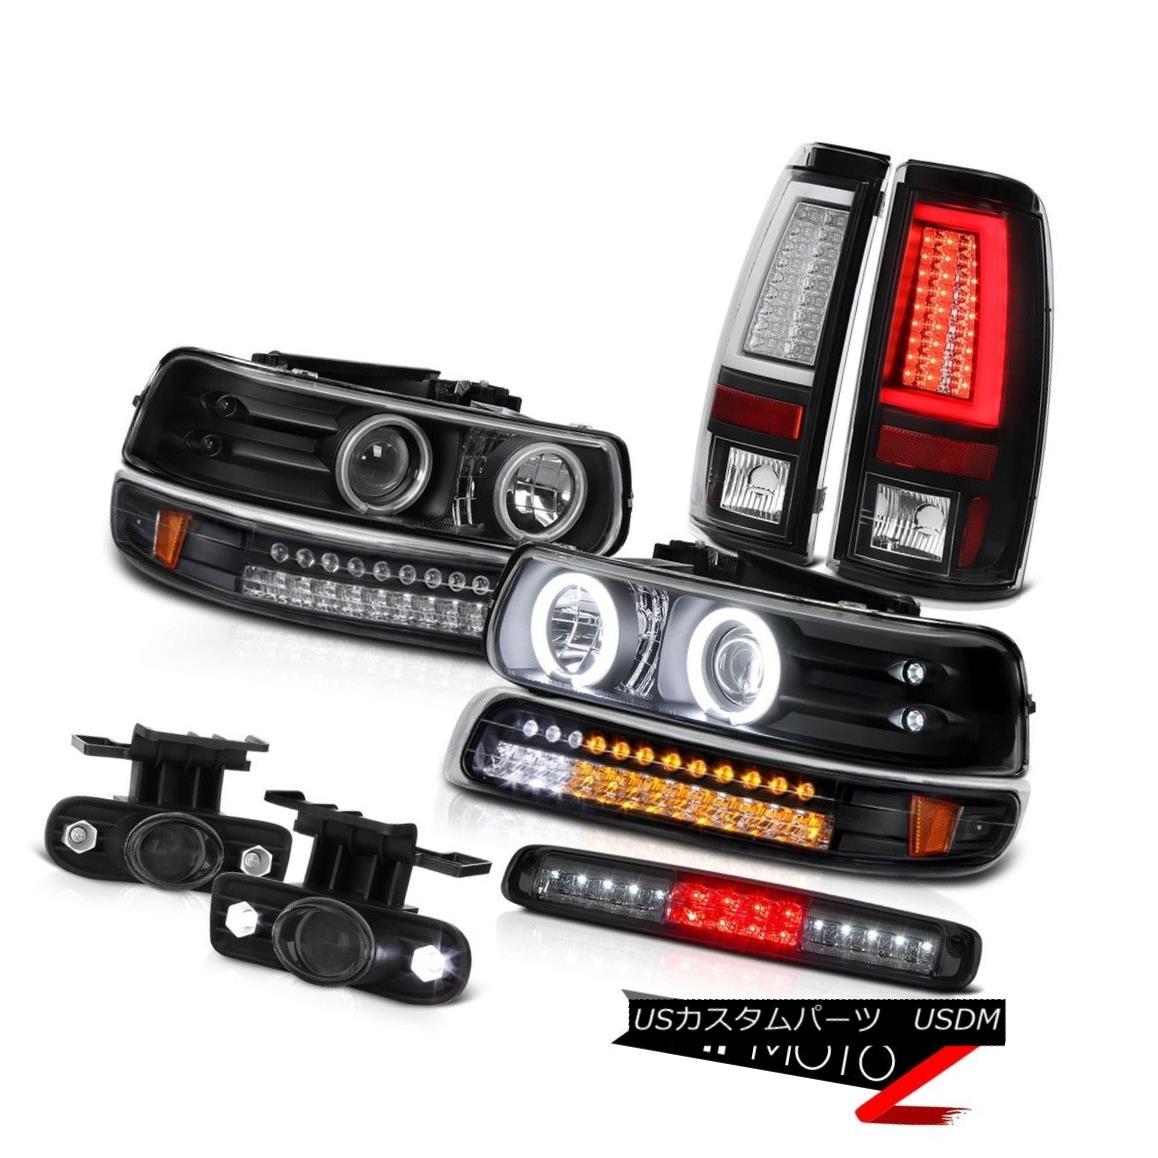 テールライト 99-02 Silverado 3500HD Tail Lights Roof Cab Lamp Fog Bumper Headlamps CCFL Ring 99-02 Silverado 3500HDテールライトルーフキャブランプフォグバンパーヘッドランプCCFLリング